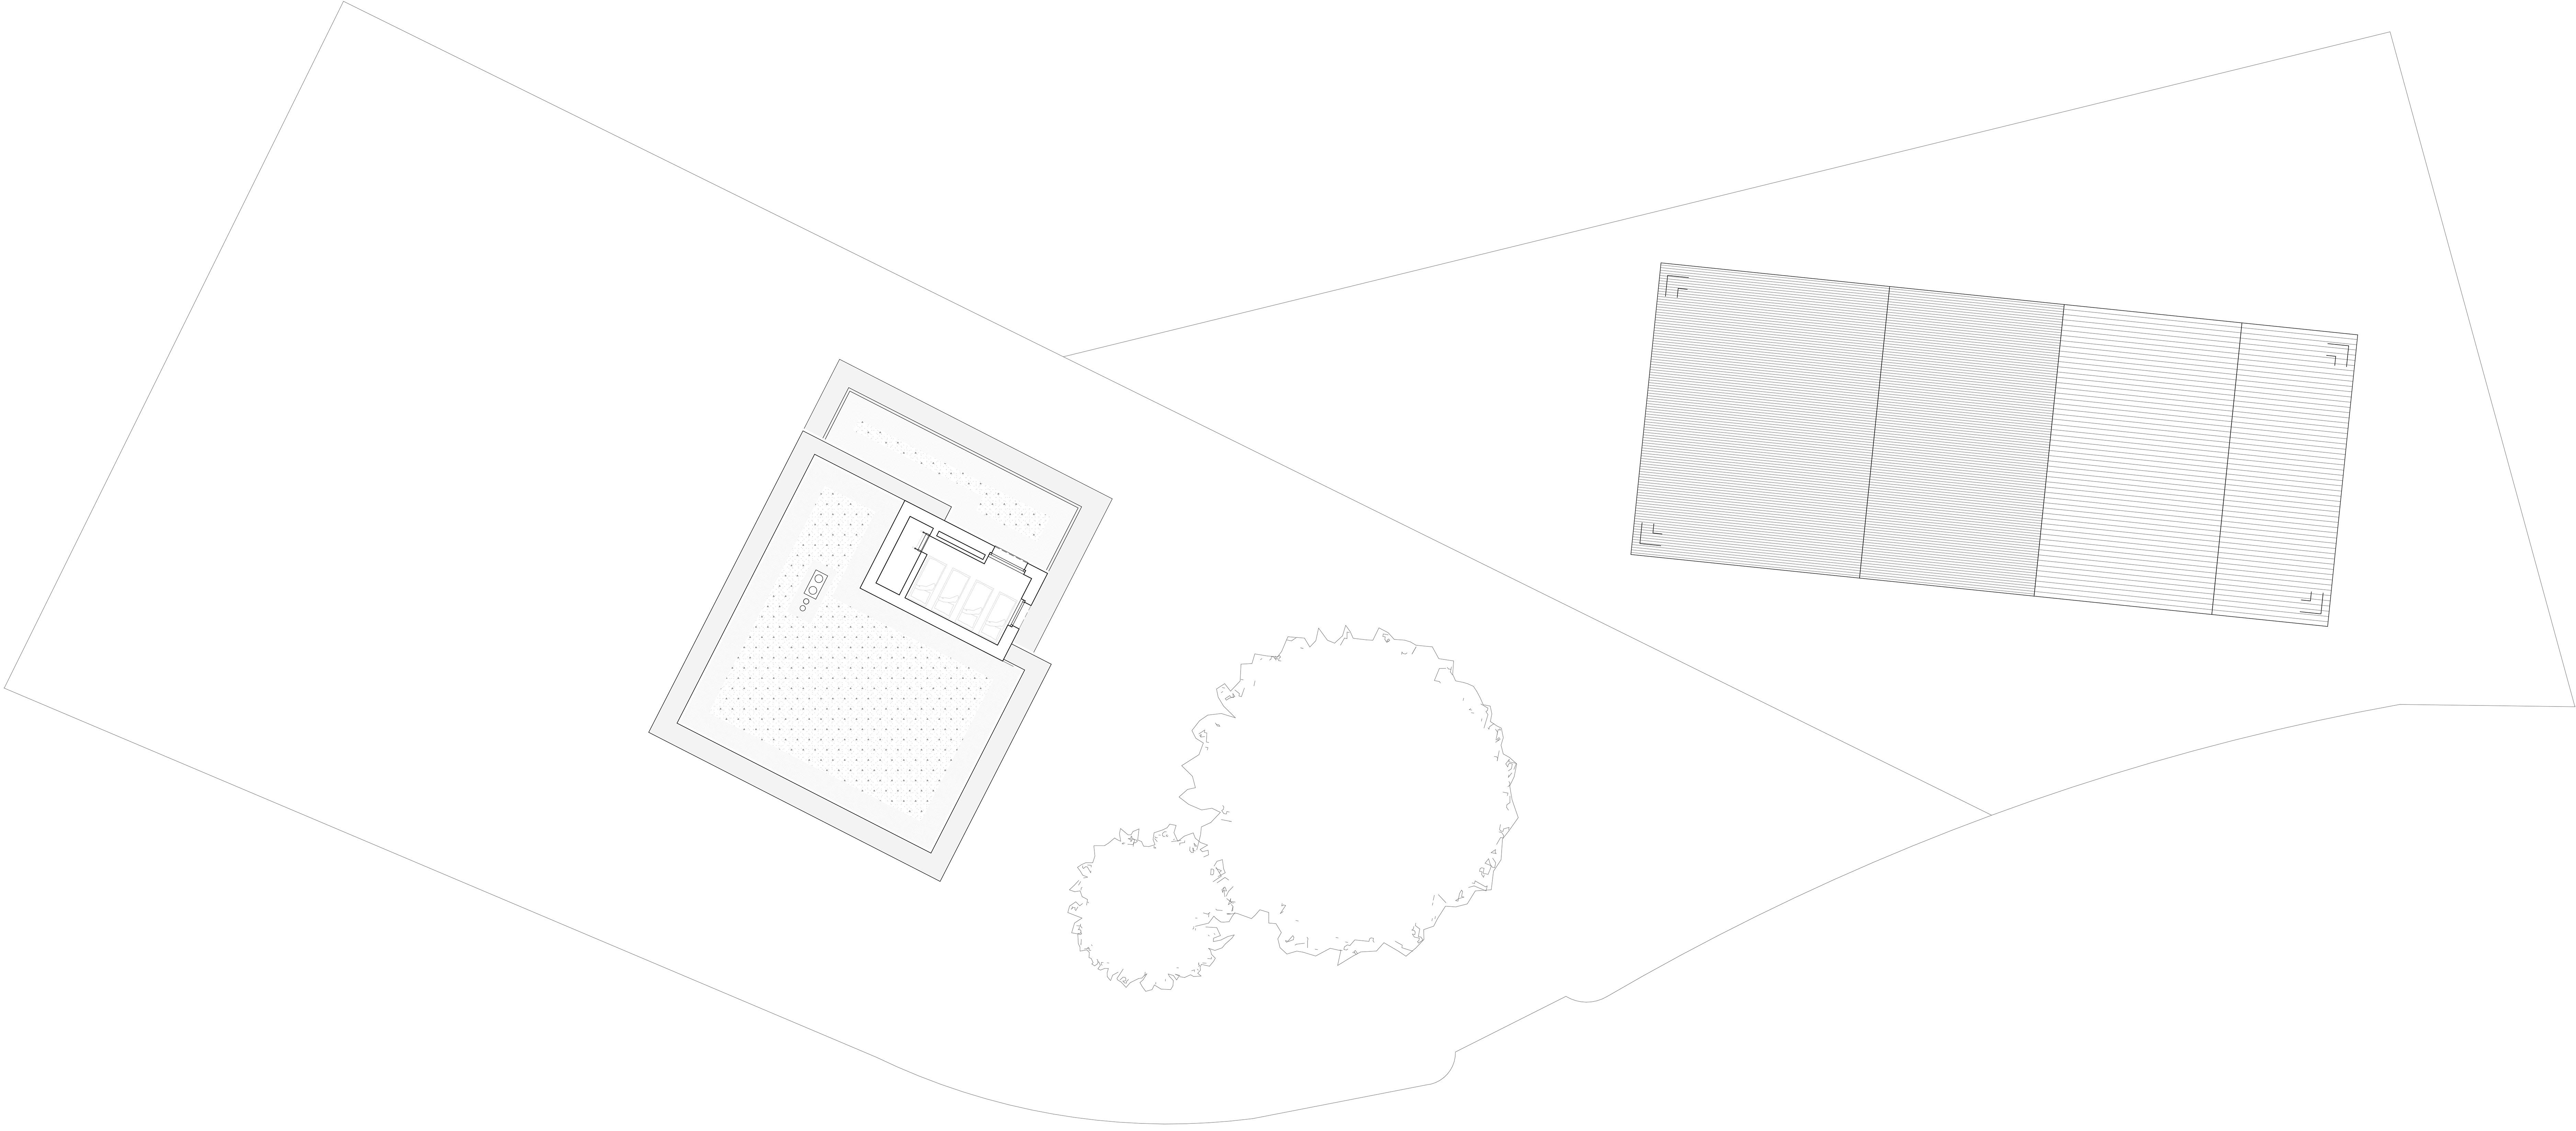 Machbarkeitsstudie Weiler Kirchbühl Sempach Bild 7